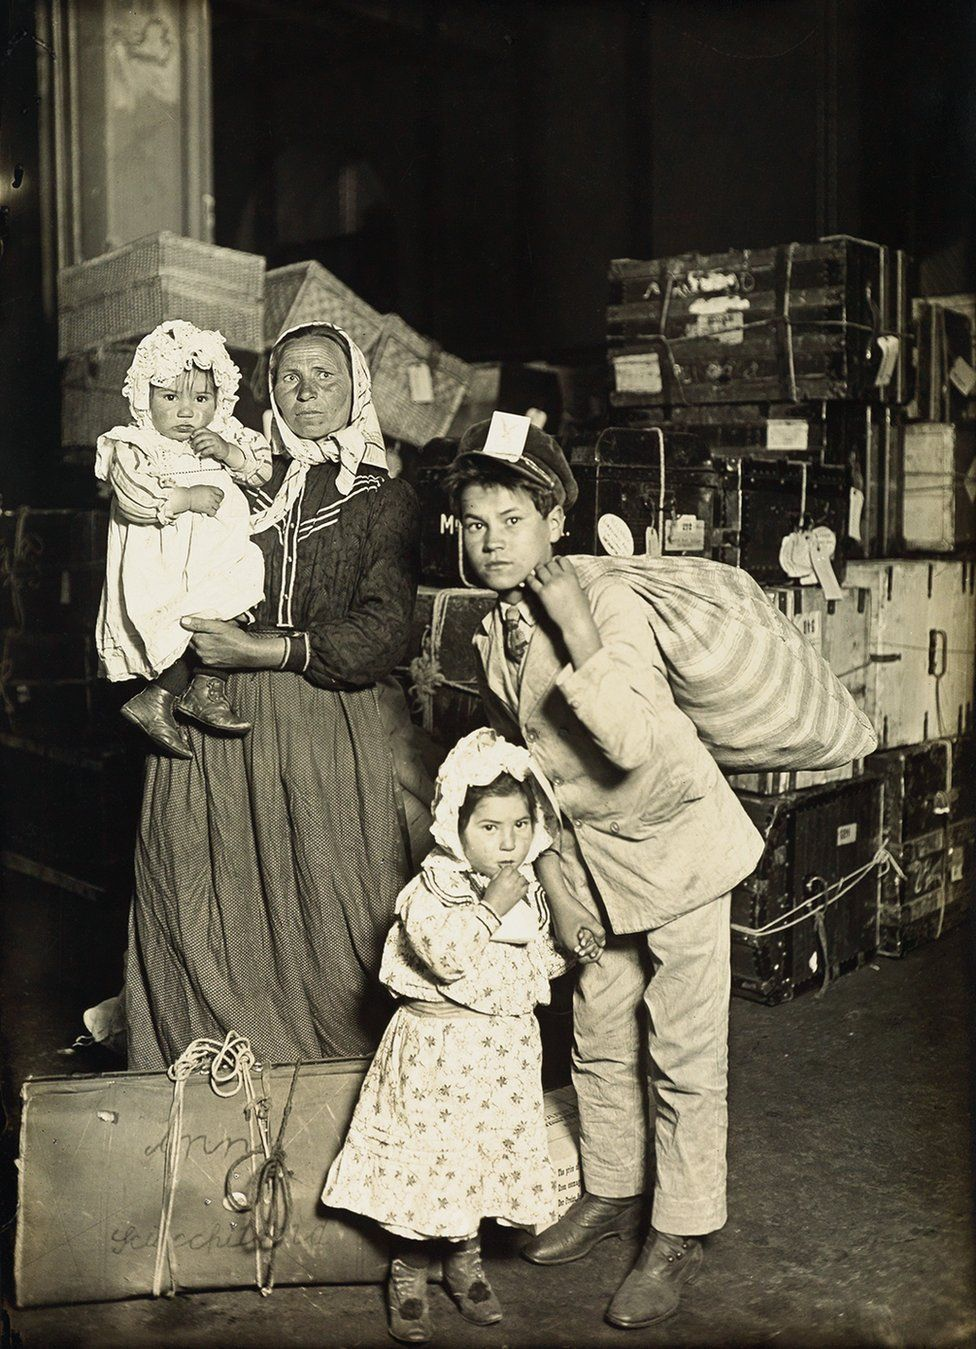 Una famiglia italiana nella sala dei bagagli, Ellis Island, 1905. Credit: archivio di Lewis Hine / collezione di Isador Sy Seidman / cortesia della Swann Auctions Galleries